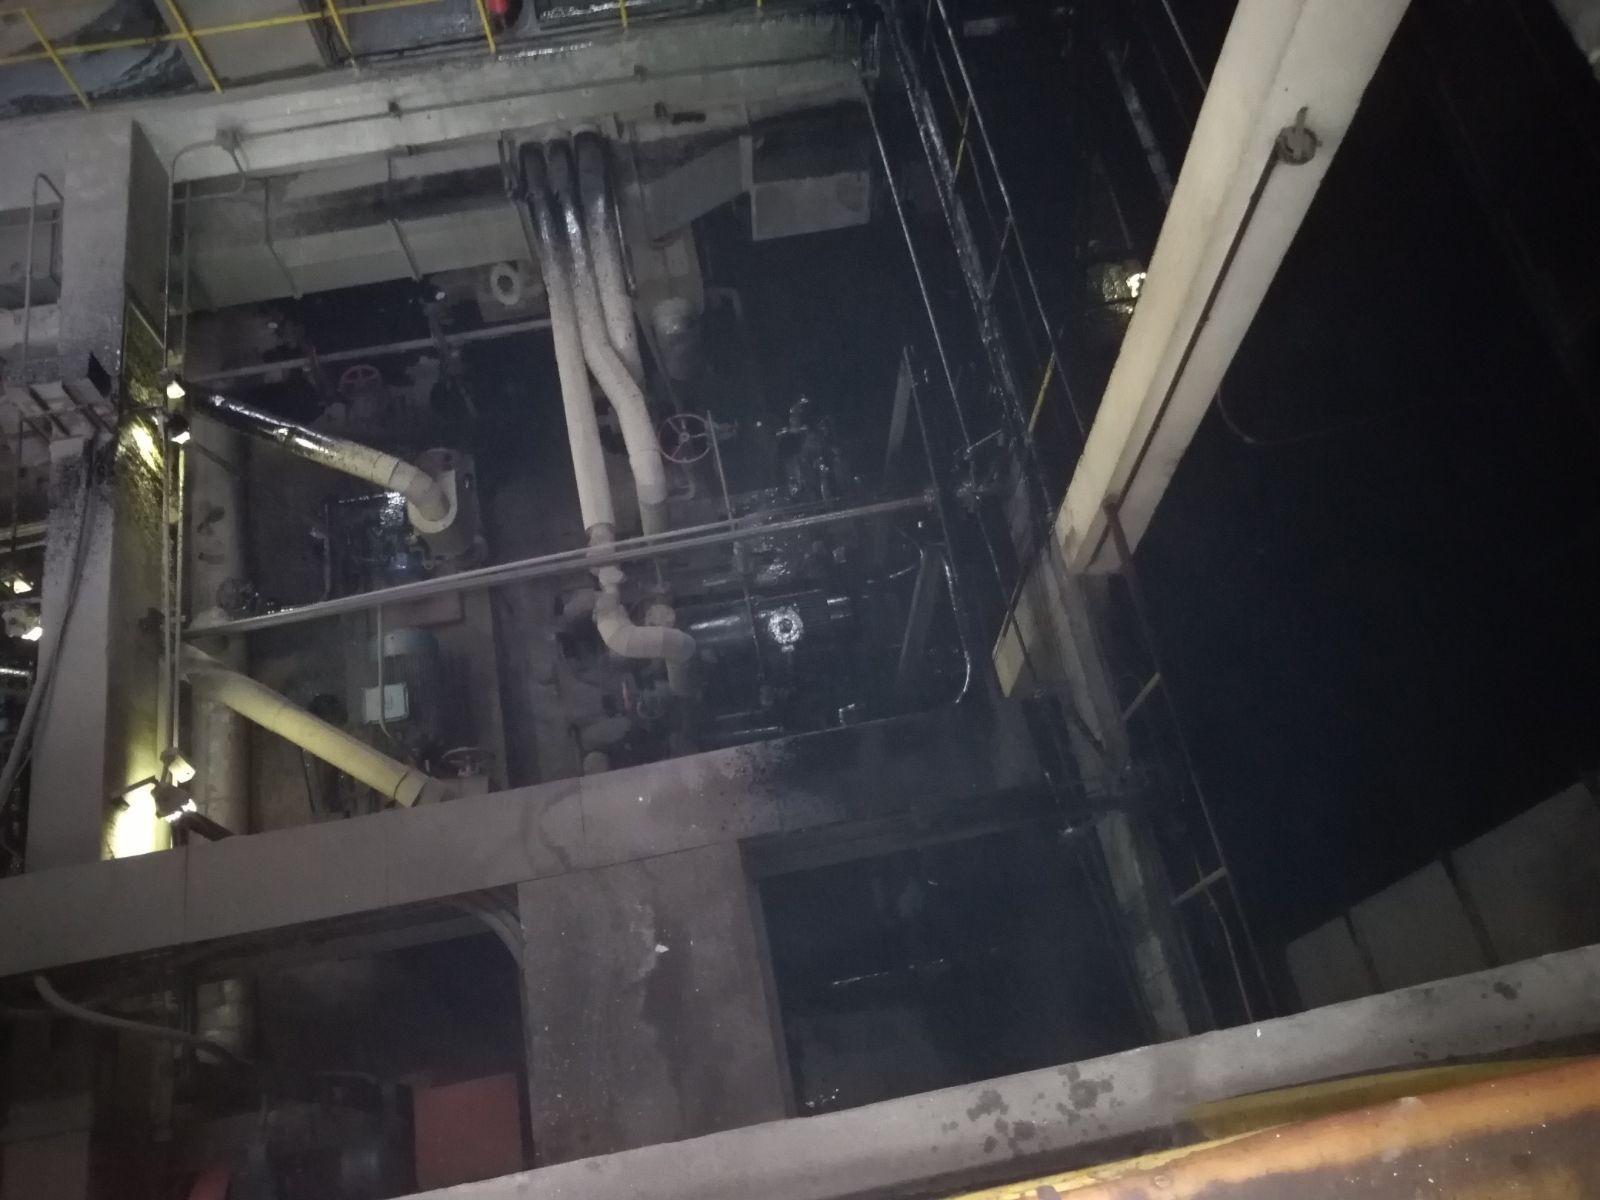 ACCIDENT tehnologic pe platforma ArcelorMittal Galaţi: Sute de litri de păcură s-au scurs pe un teren din curtea societăţii/ Primul ajutor la faţa locului